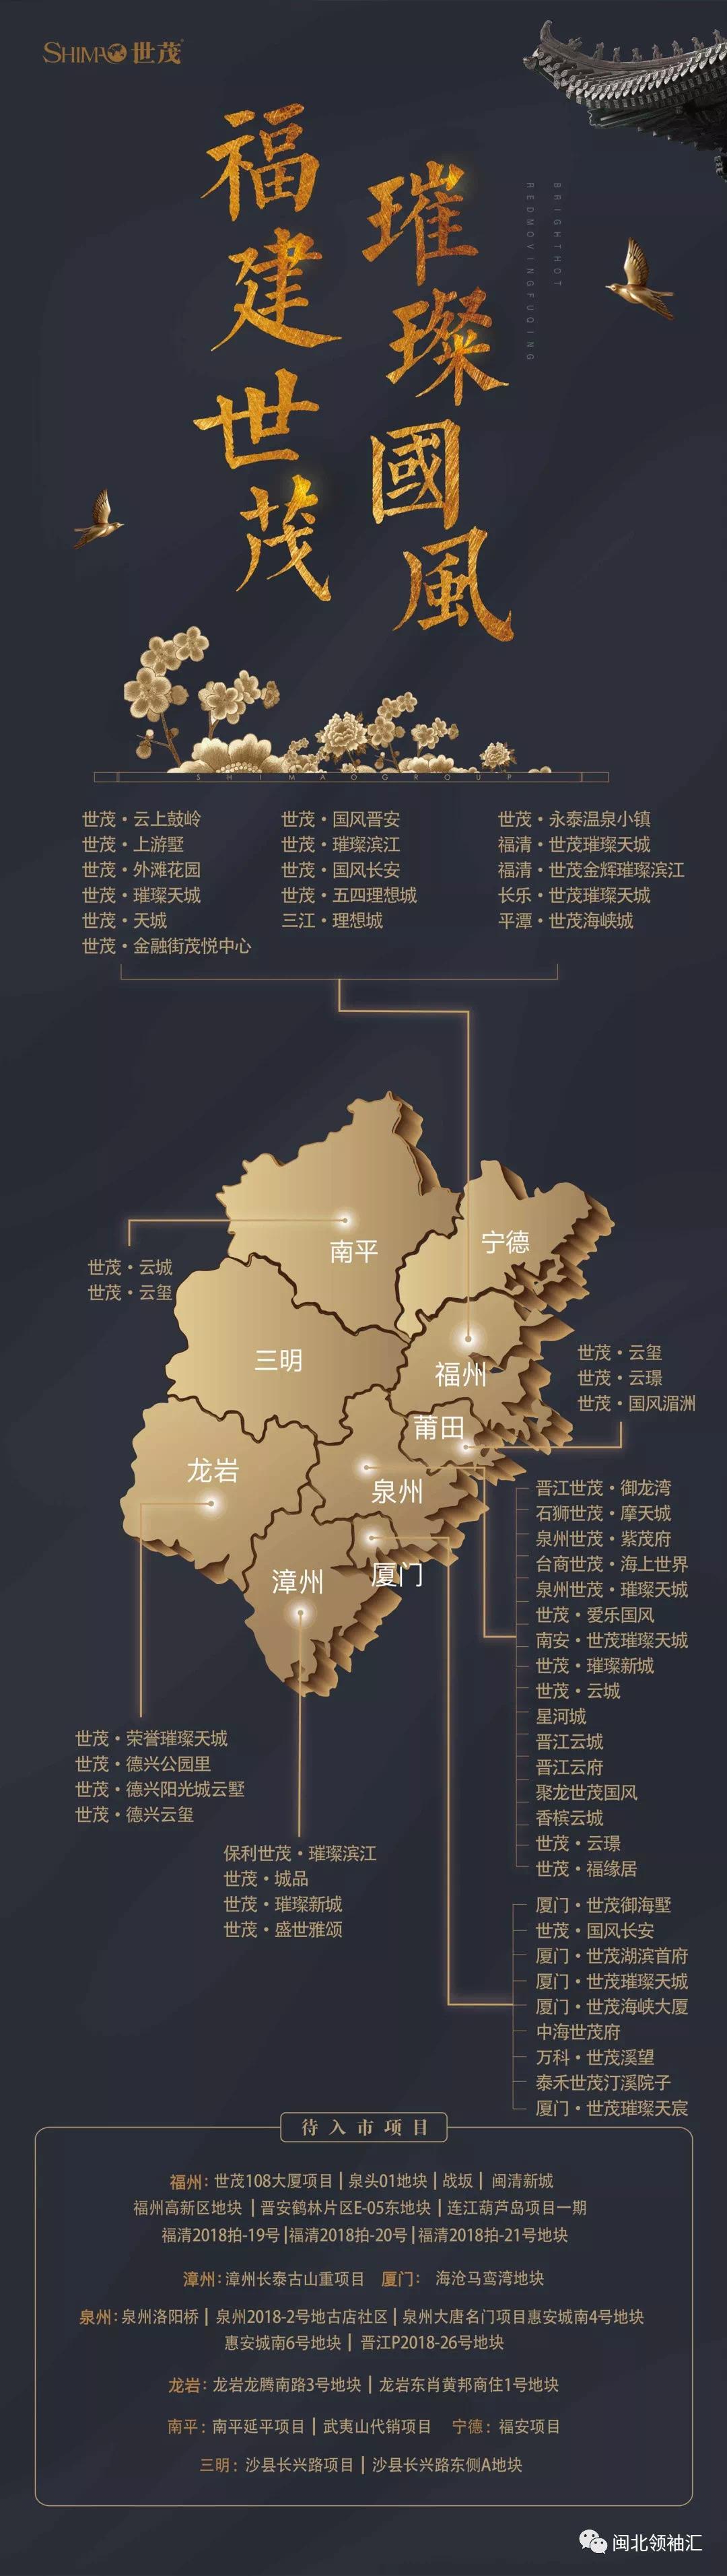 【千亿世茂 六星闪耀】世茂闽北组团2018品牌发布会盛大落幕